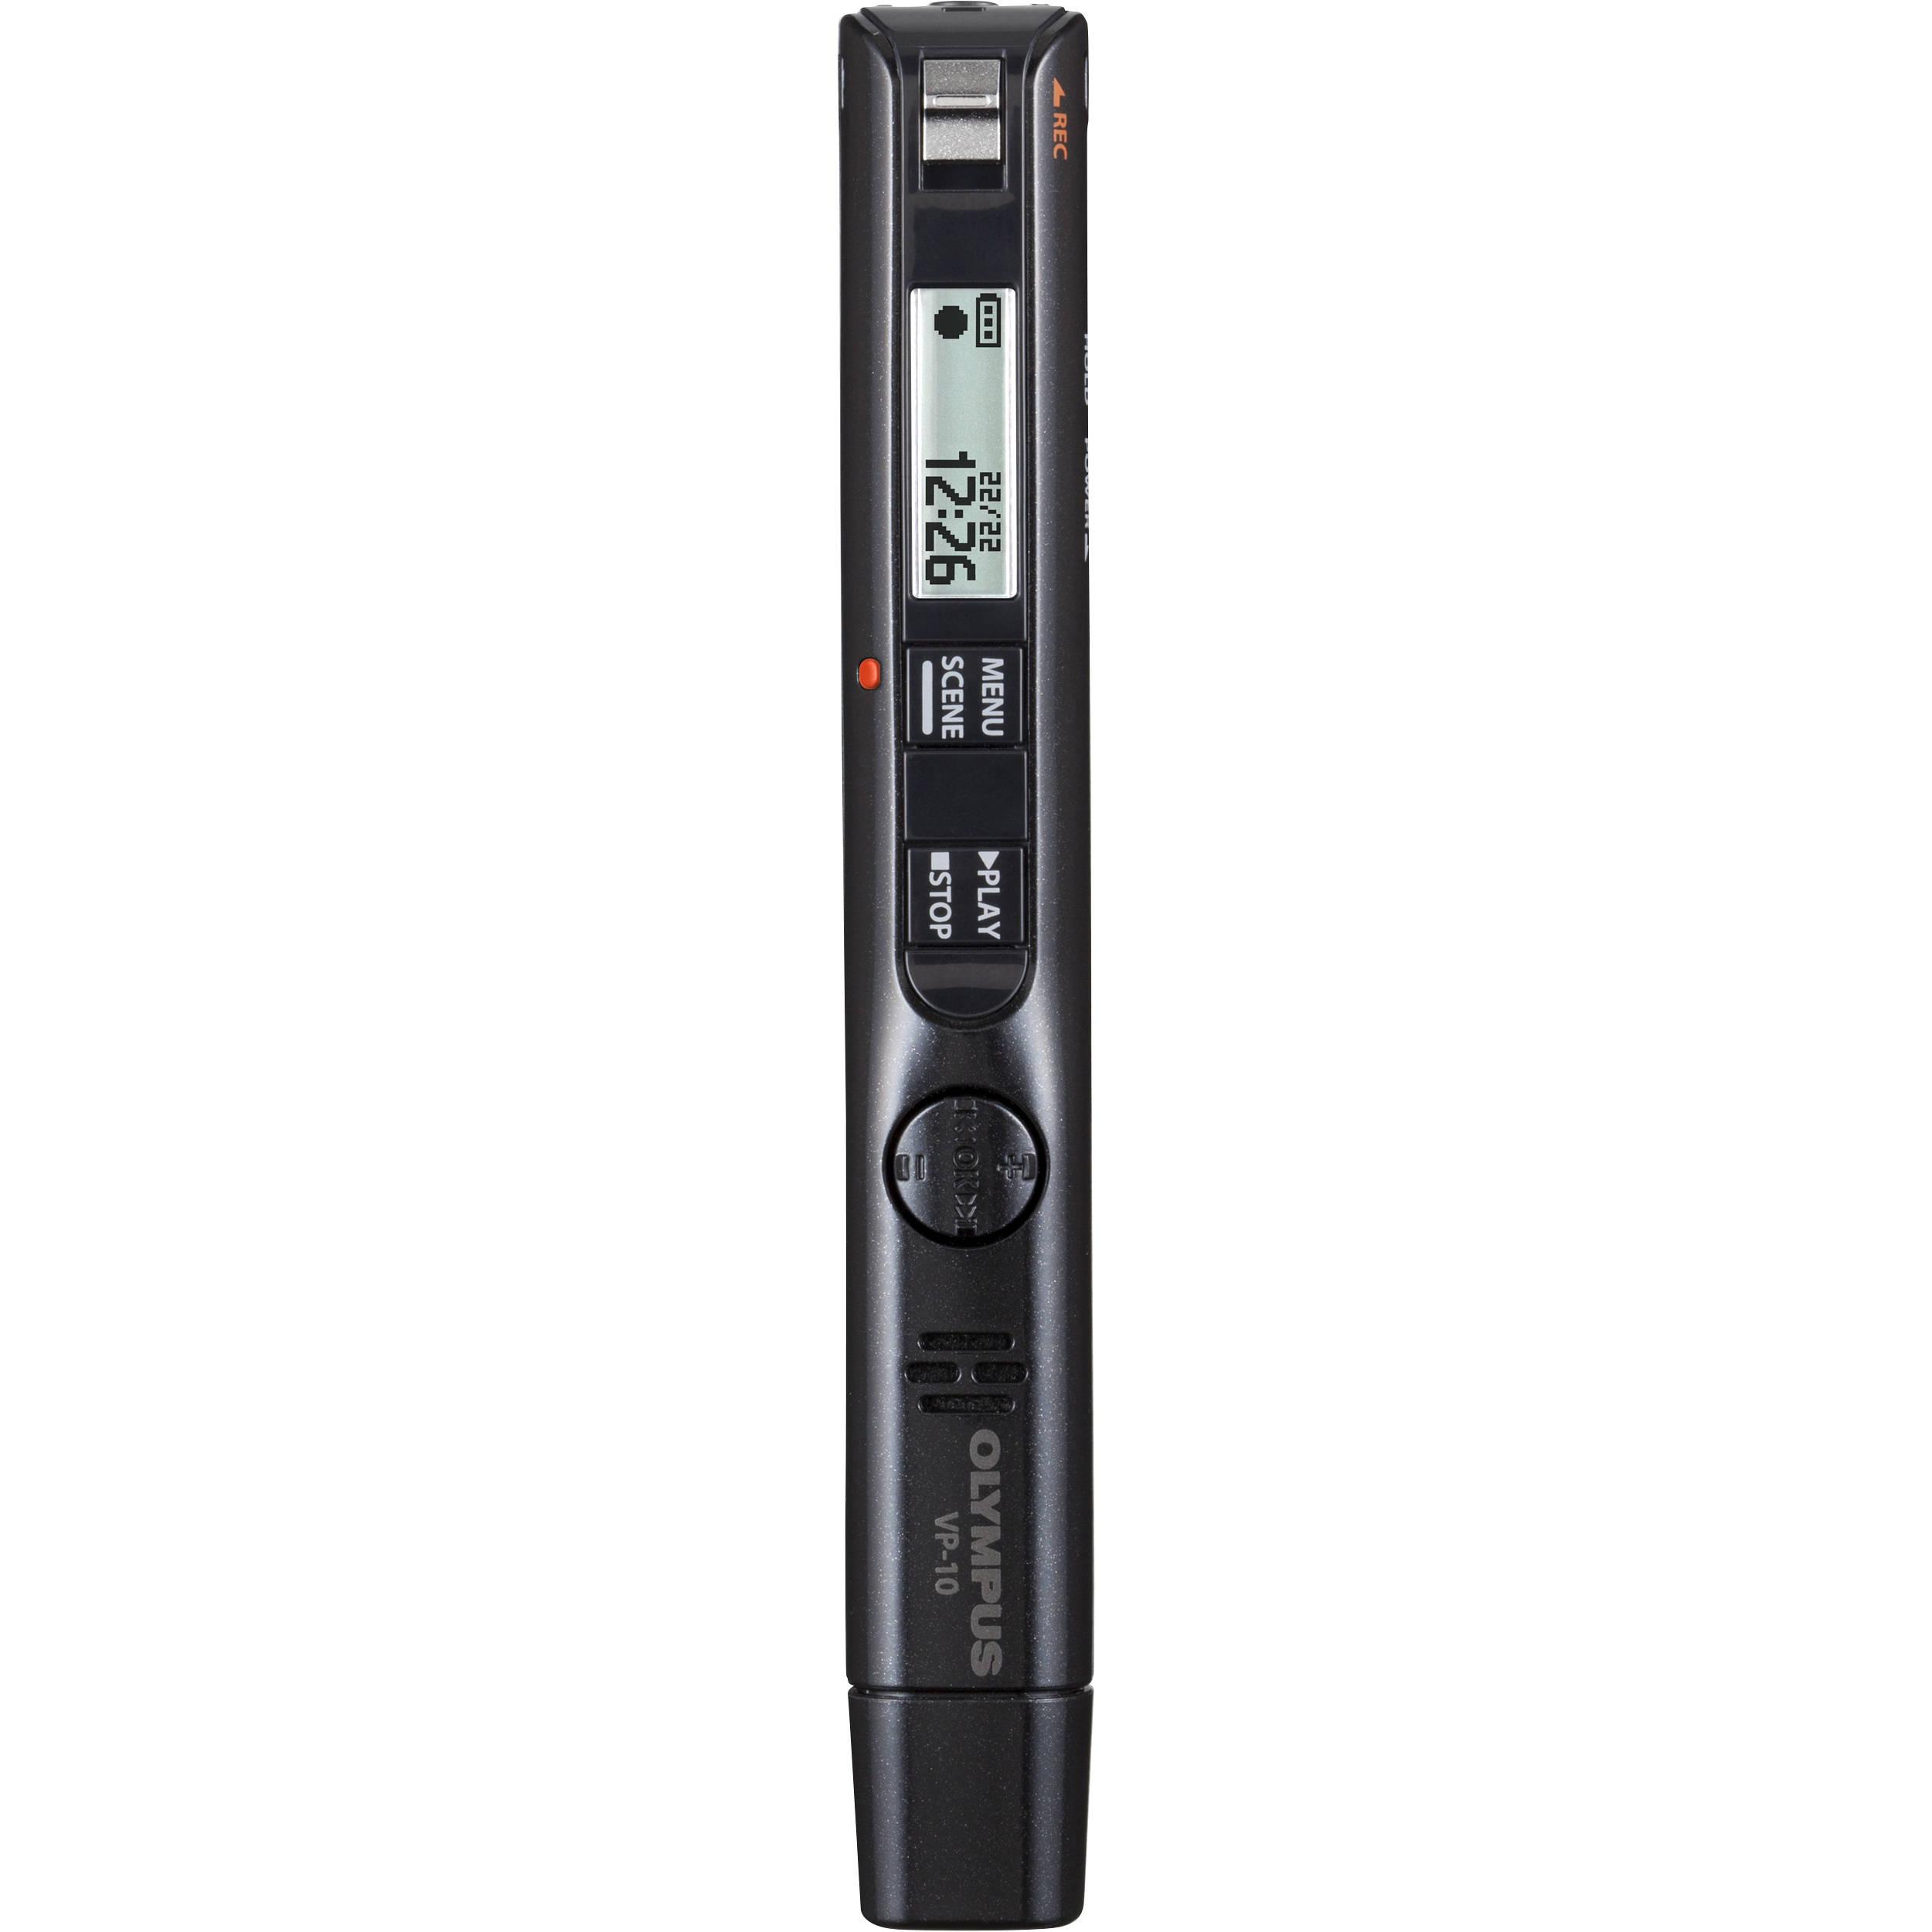 olympus digital voice recorder vp 10 v413111bu000 b h photo